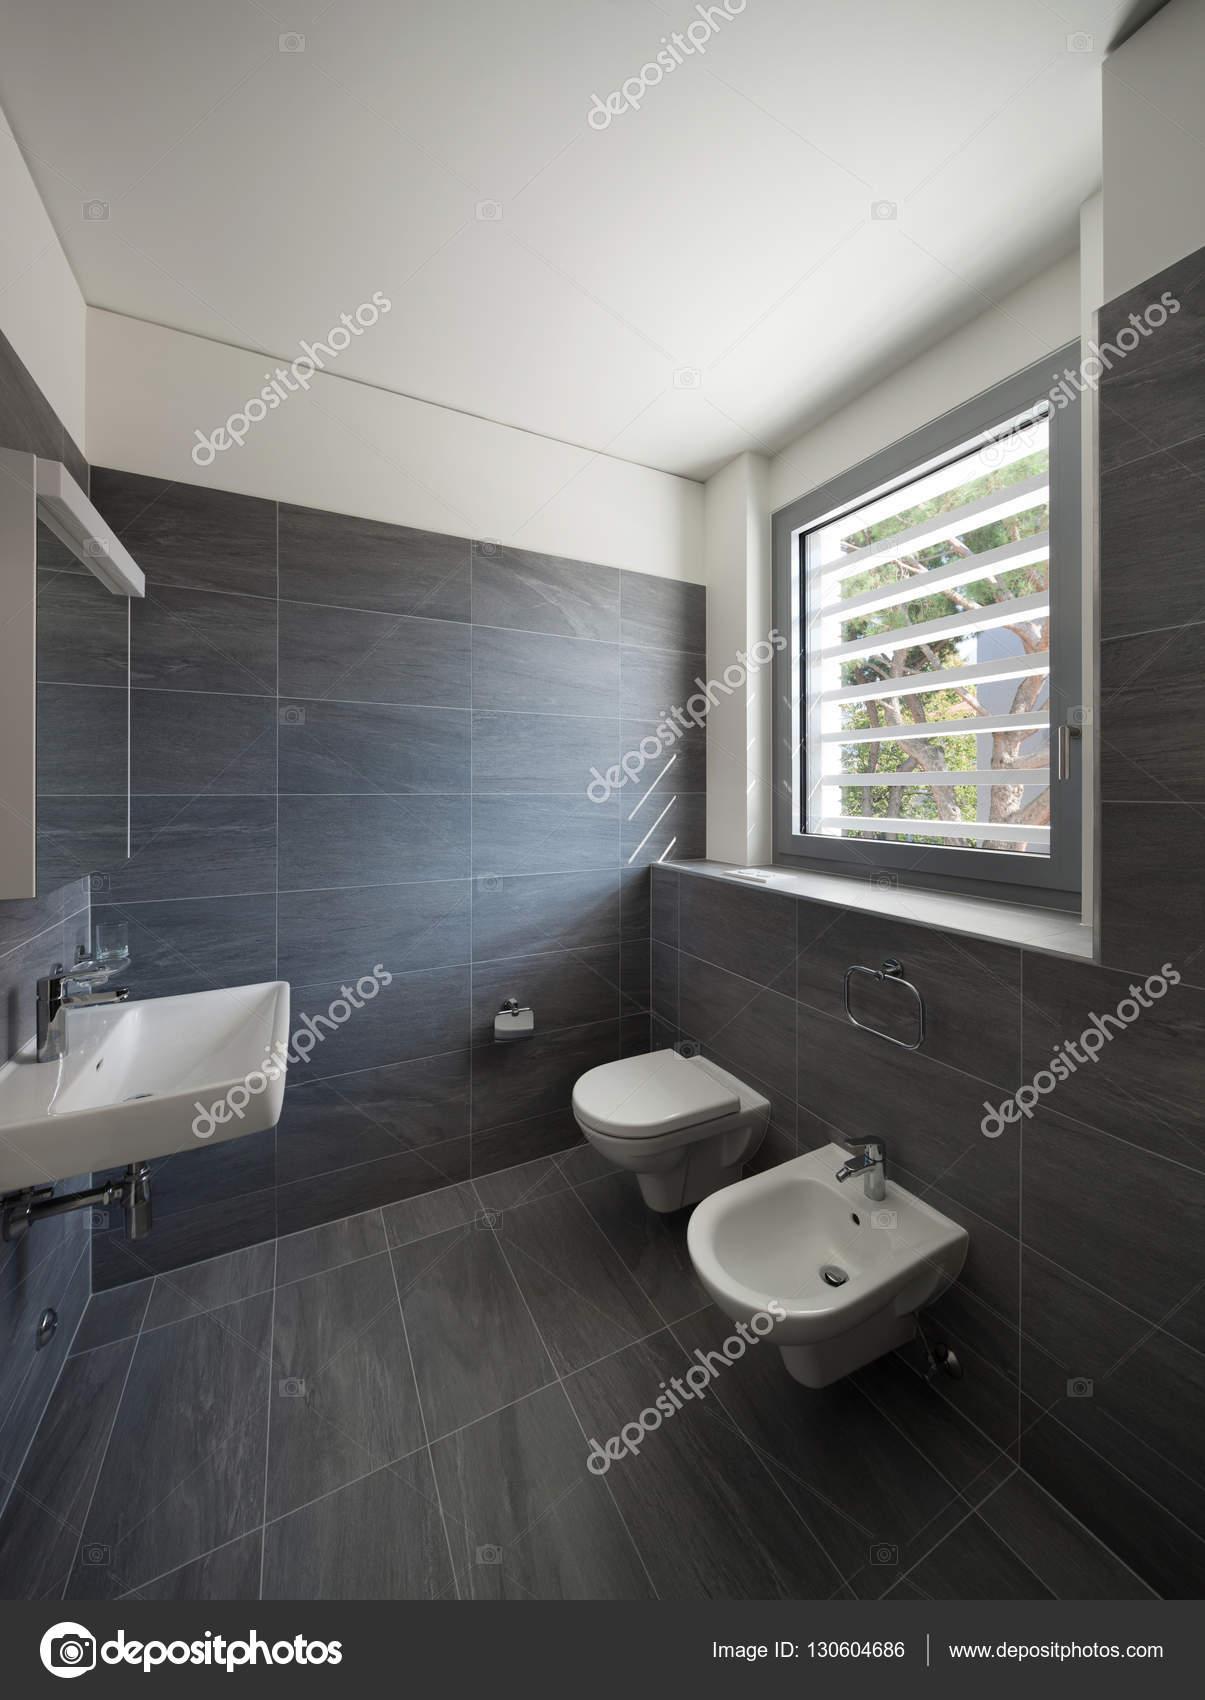 Interiore di una casa moderna bagno grigio foto stock for Bagno della casa moderna